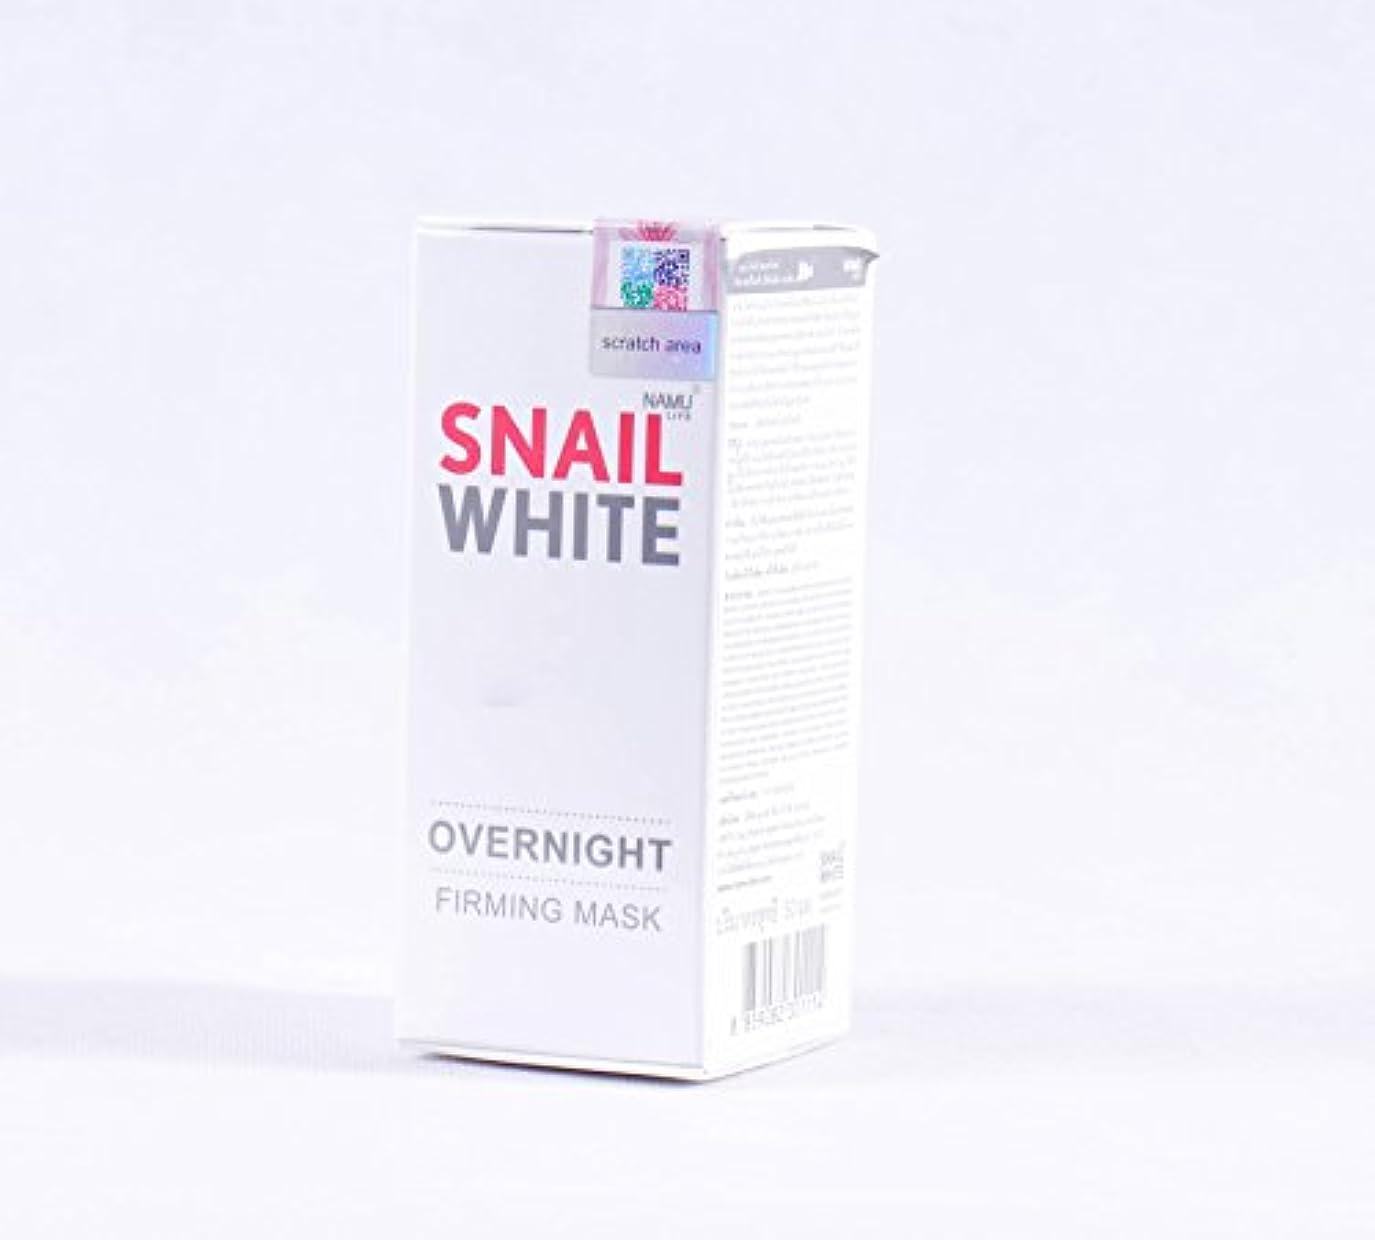 雇用正規化幽霊オーバーナイトファーミングマスク50 ml。 ホワイトニング NAMU LIFE SNAILWHITE OVERNIGHT FIRMING MASK 50 ml.